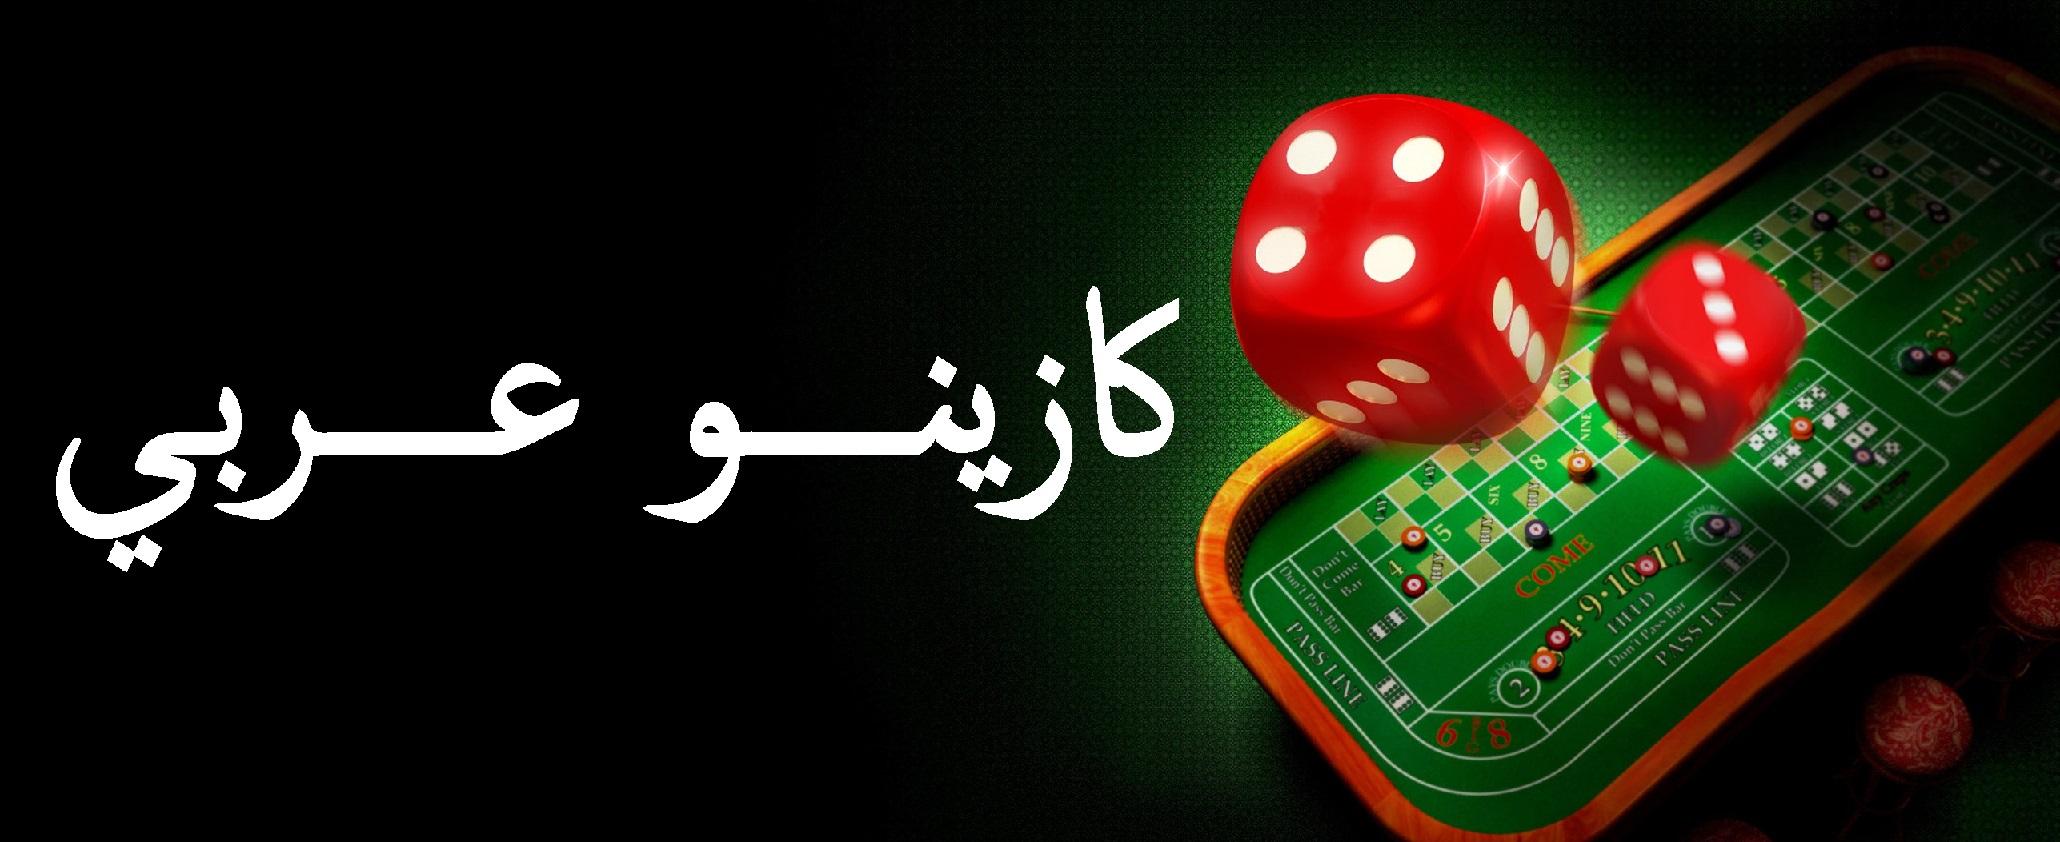 الروليت التقدمي لعبة - 40415